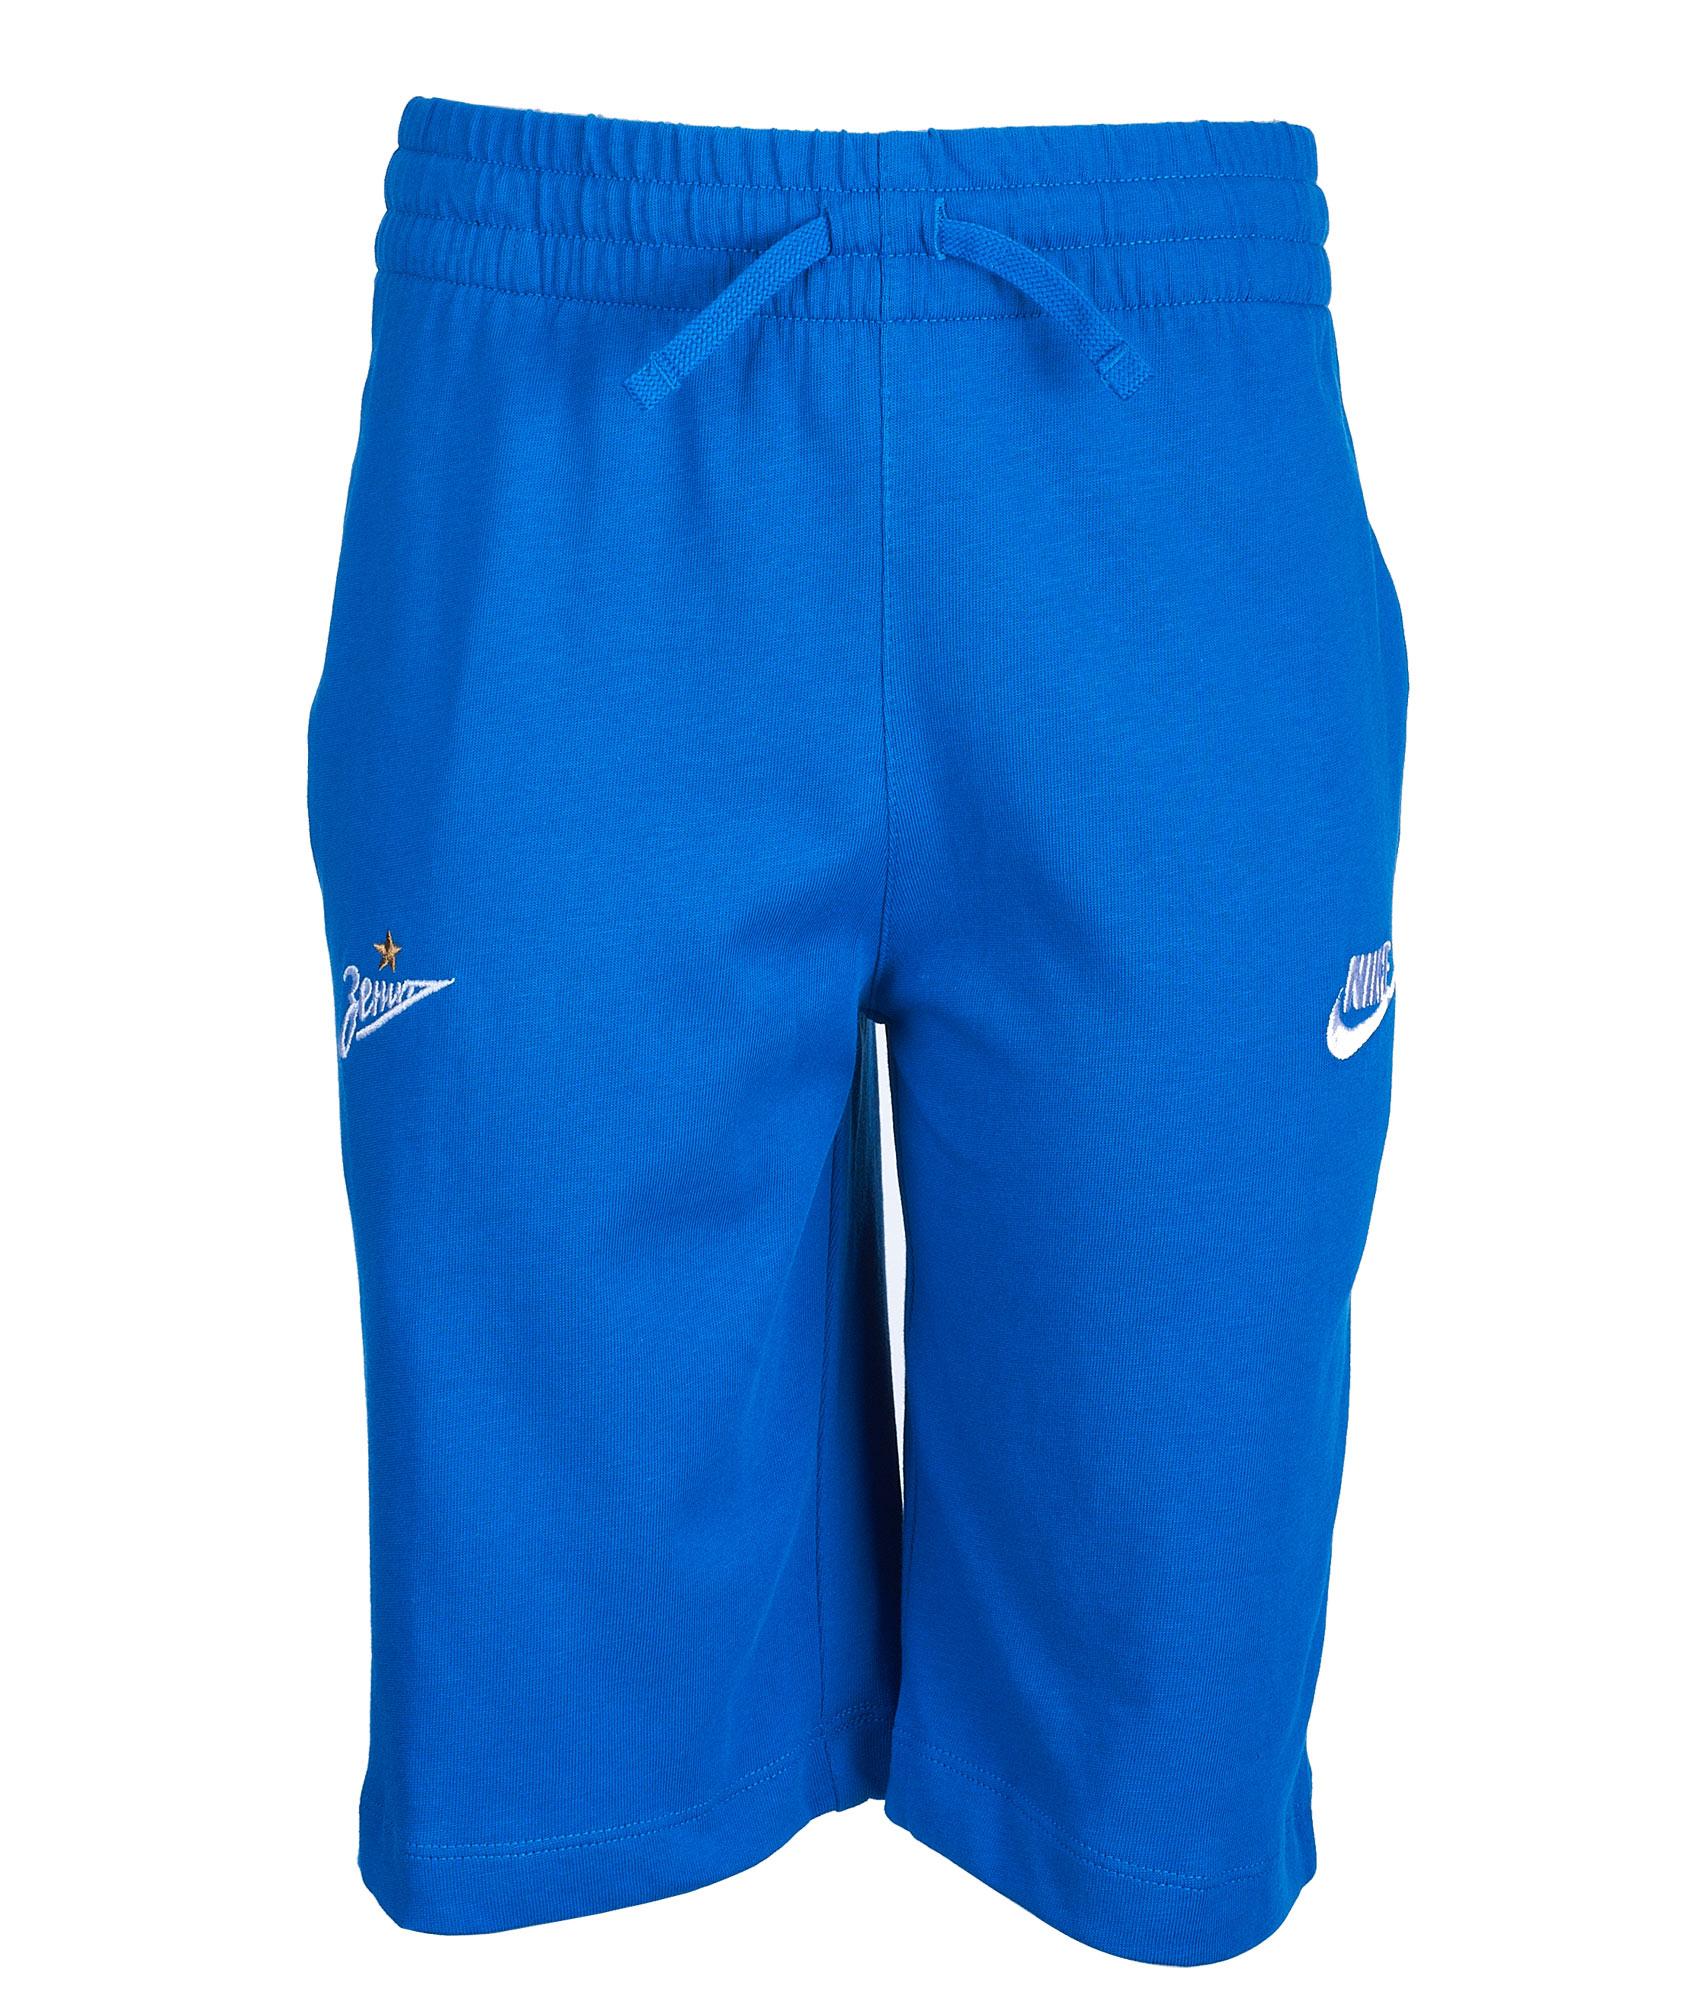 Шорты детские Nike Nike Цвет-Синий шорты детские зенит цвет синий